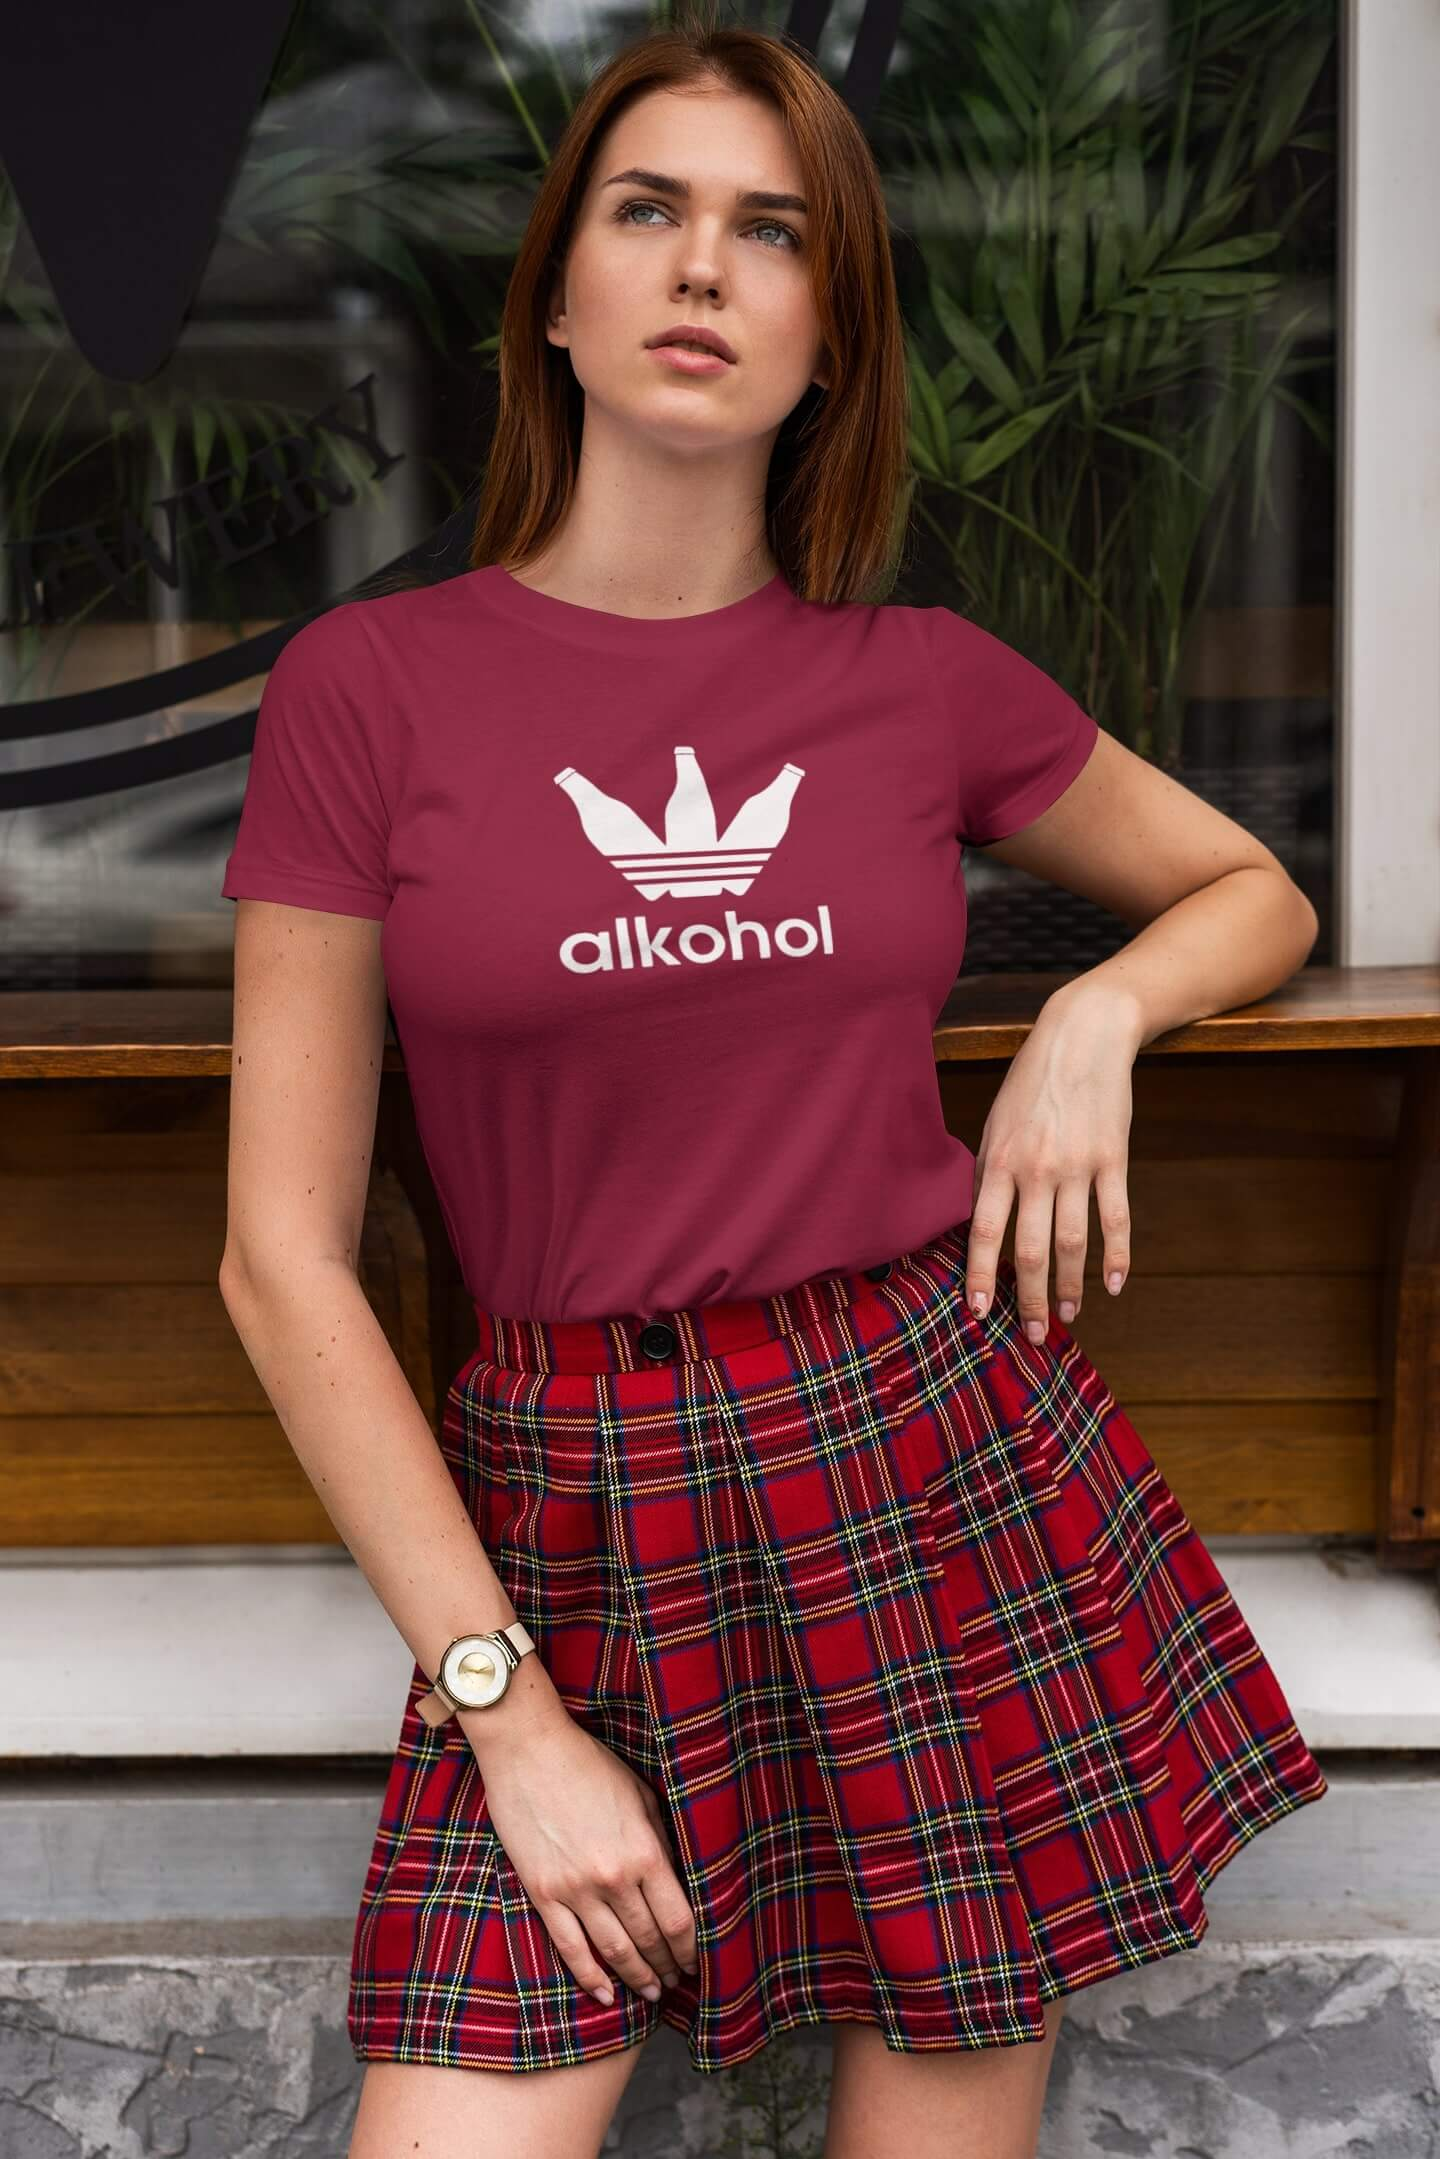 MMO Dámske tričko s Flaškami Vyberte farbu: Marlboro červená, Vyberte veľkosť: XL